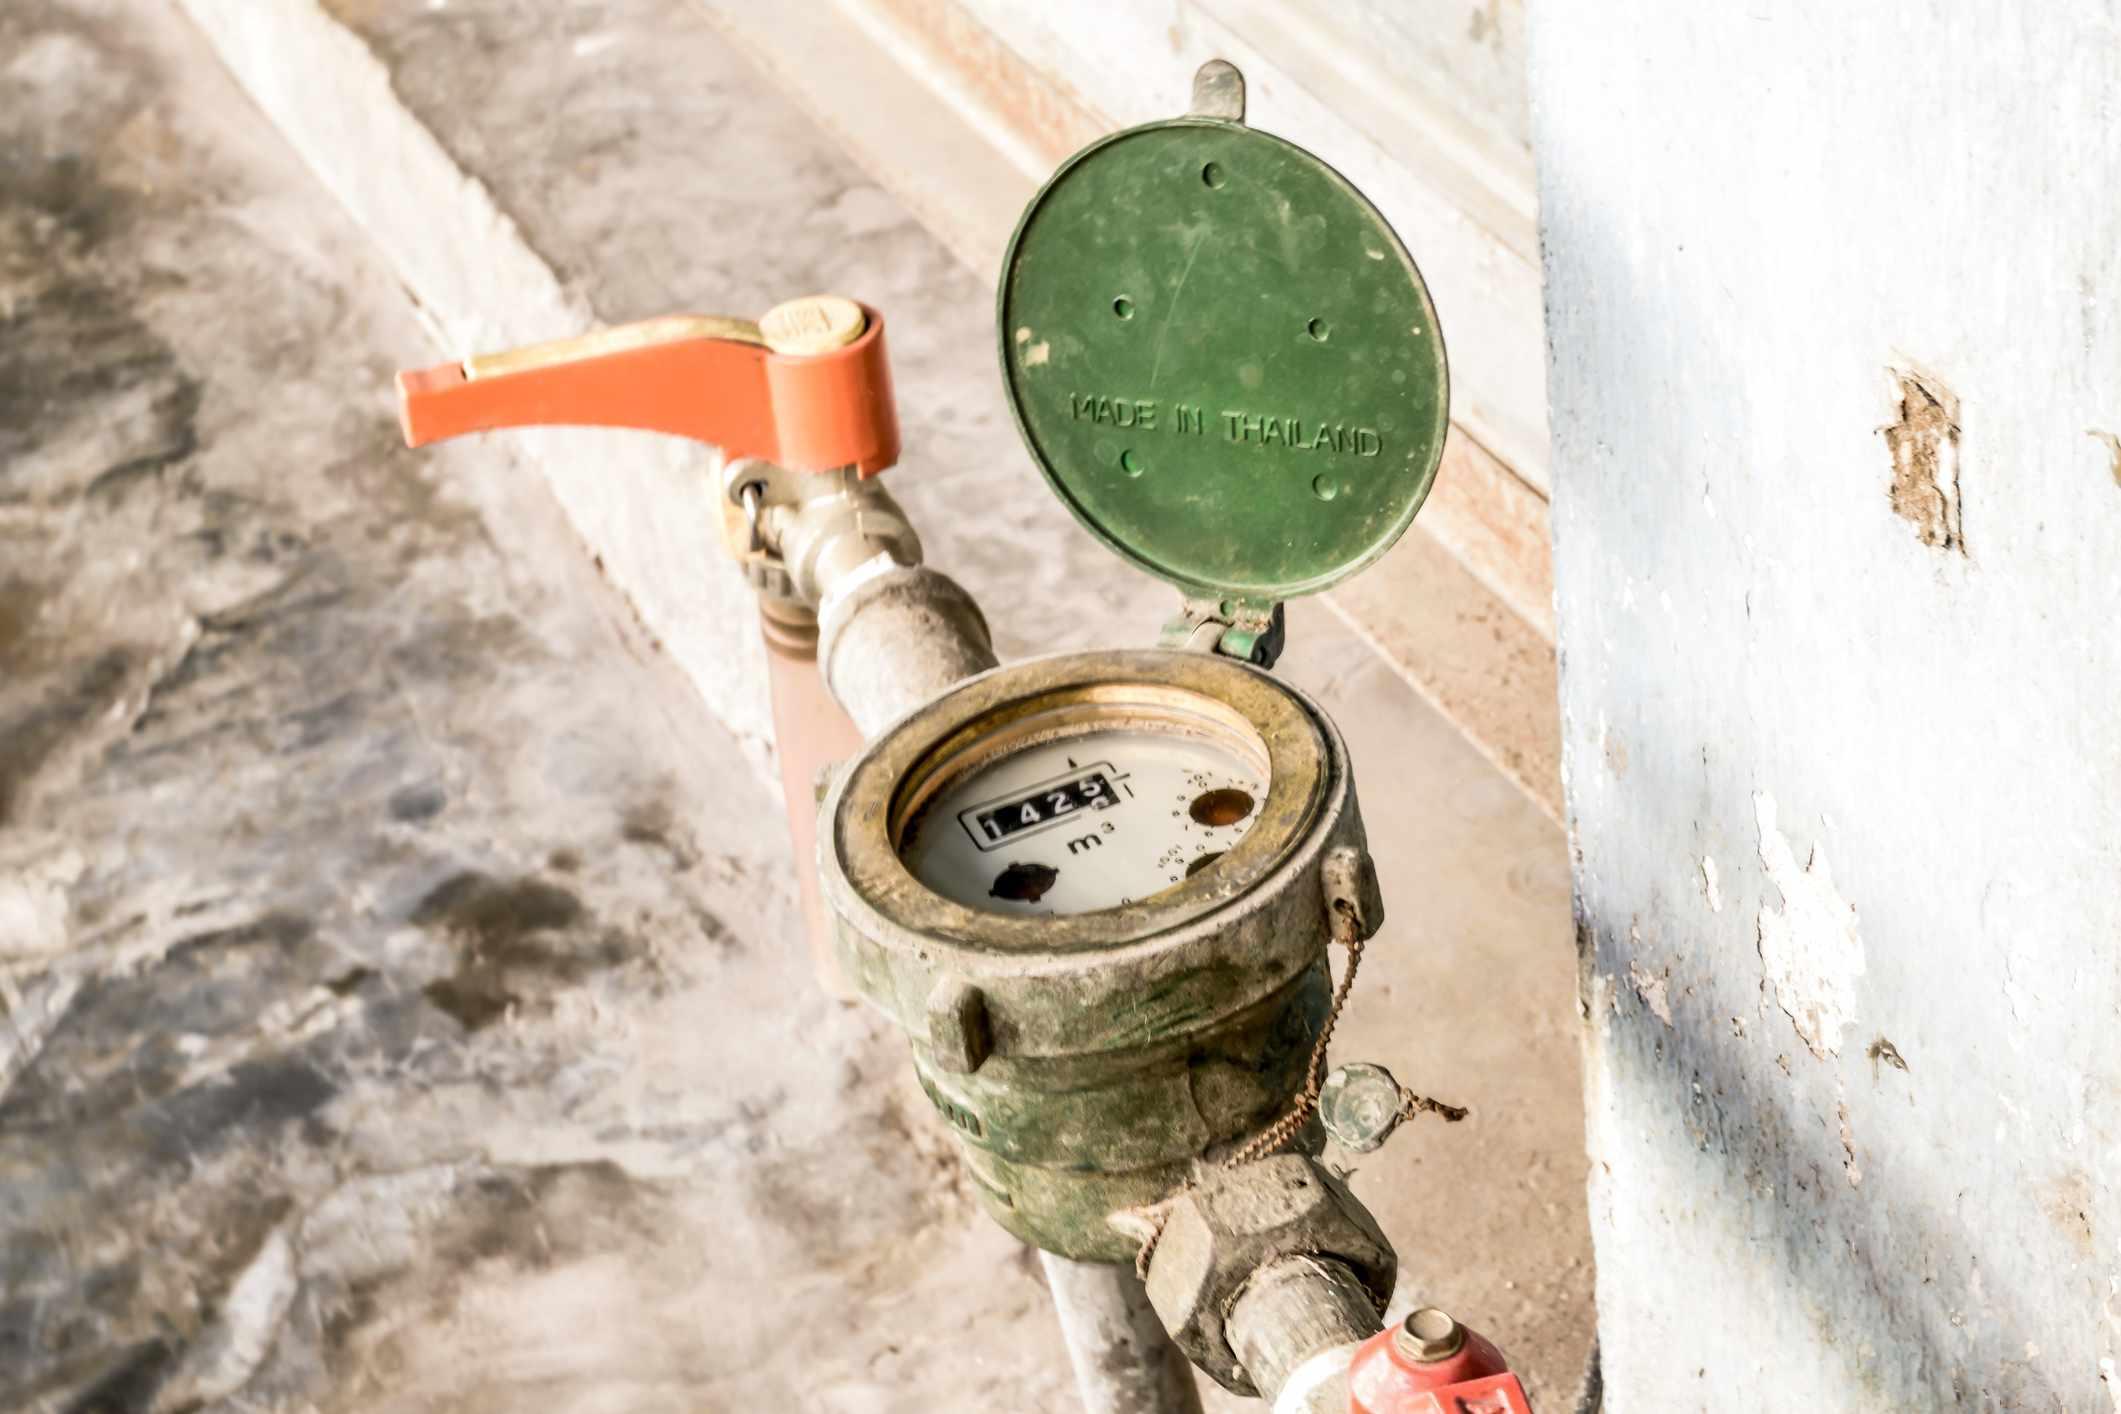 Valvula y medidor de agua